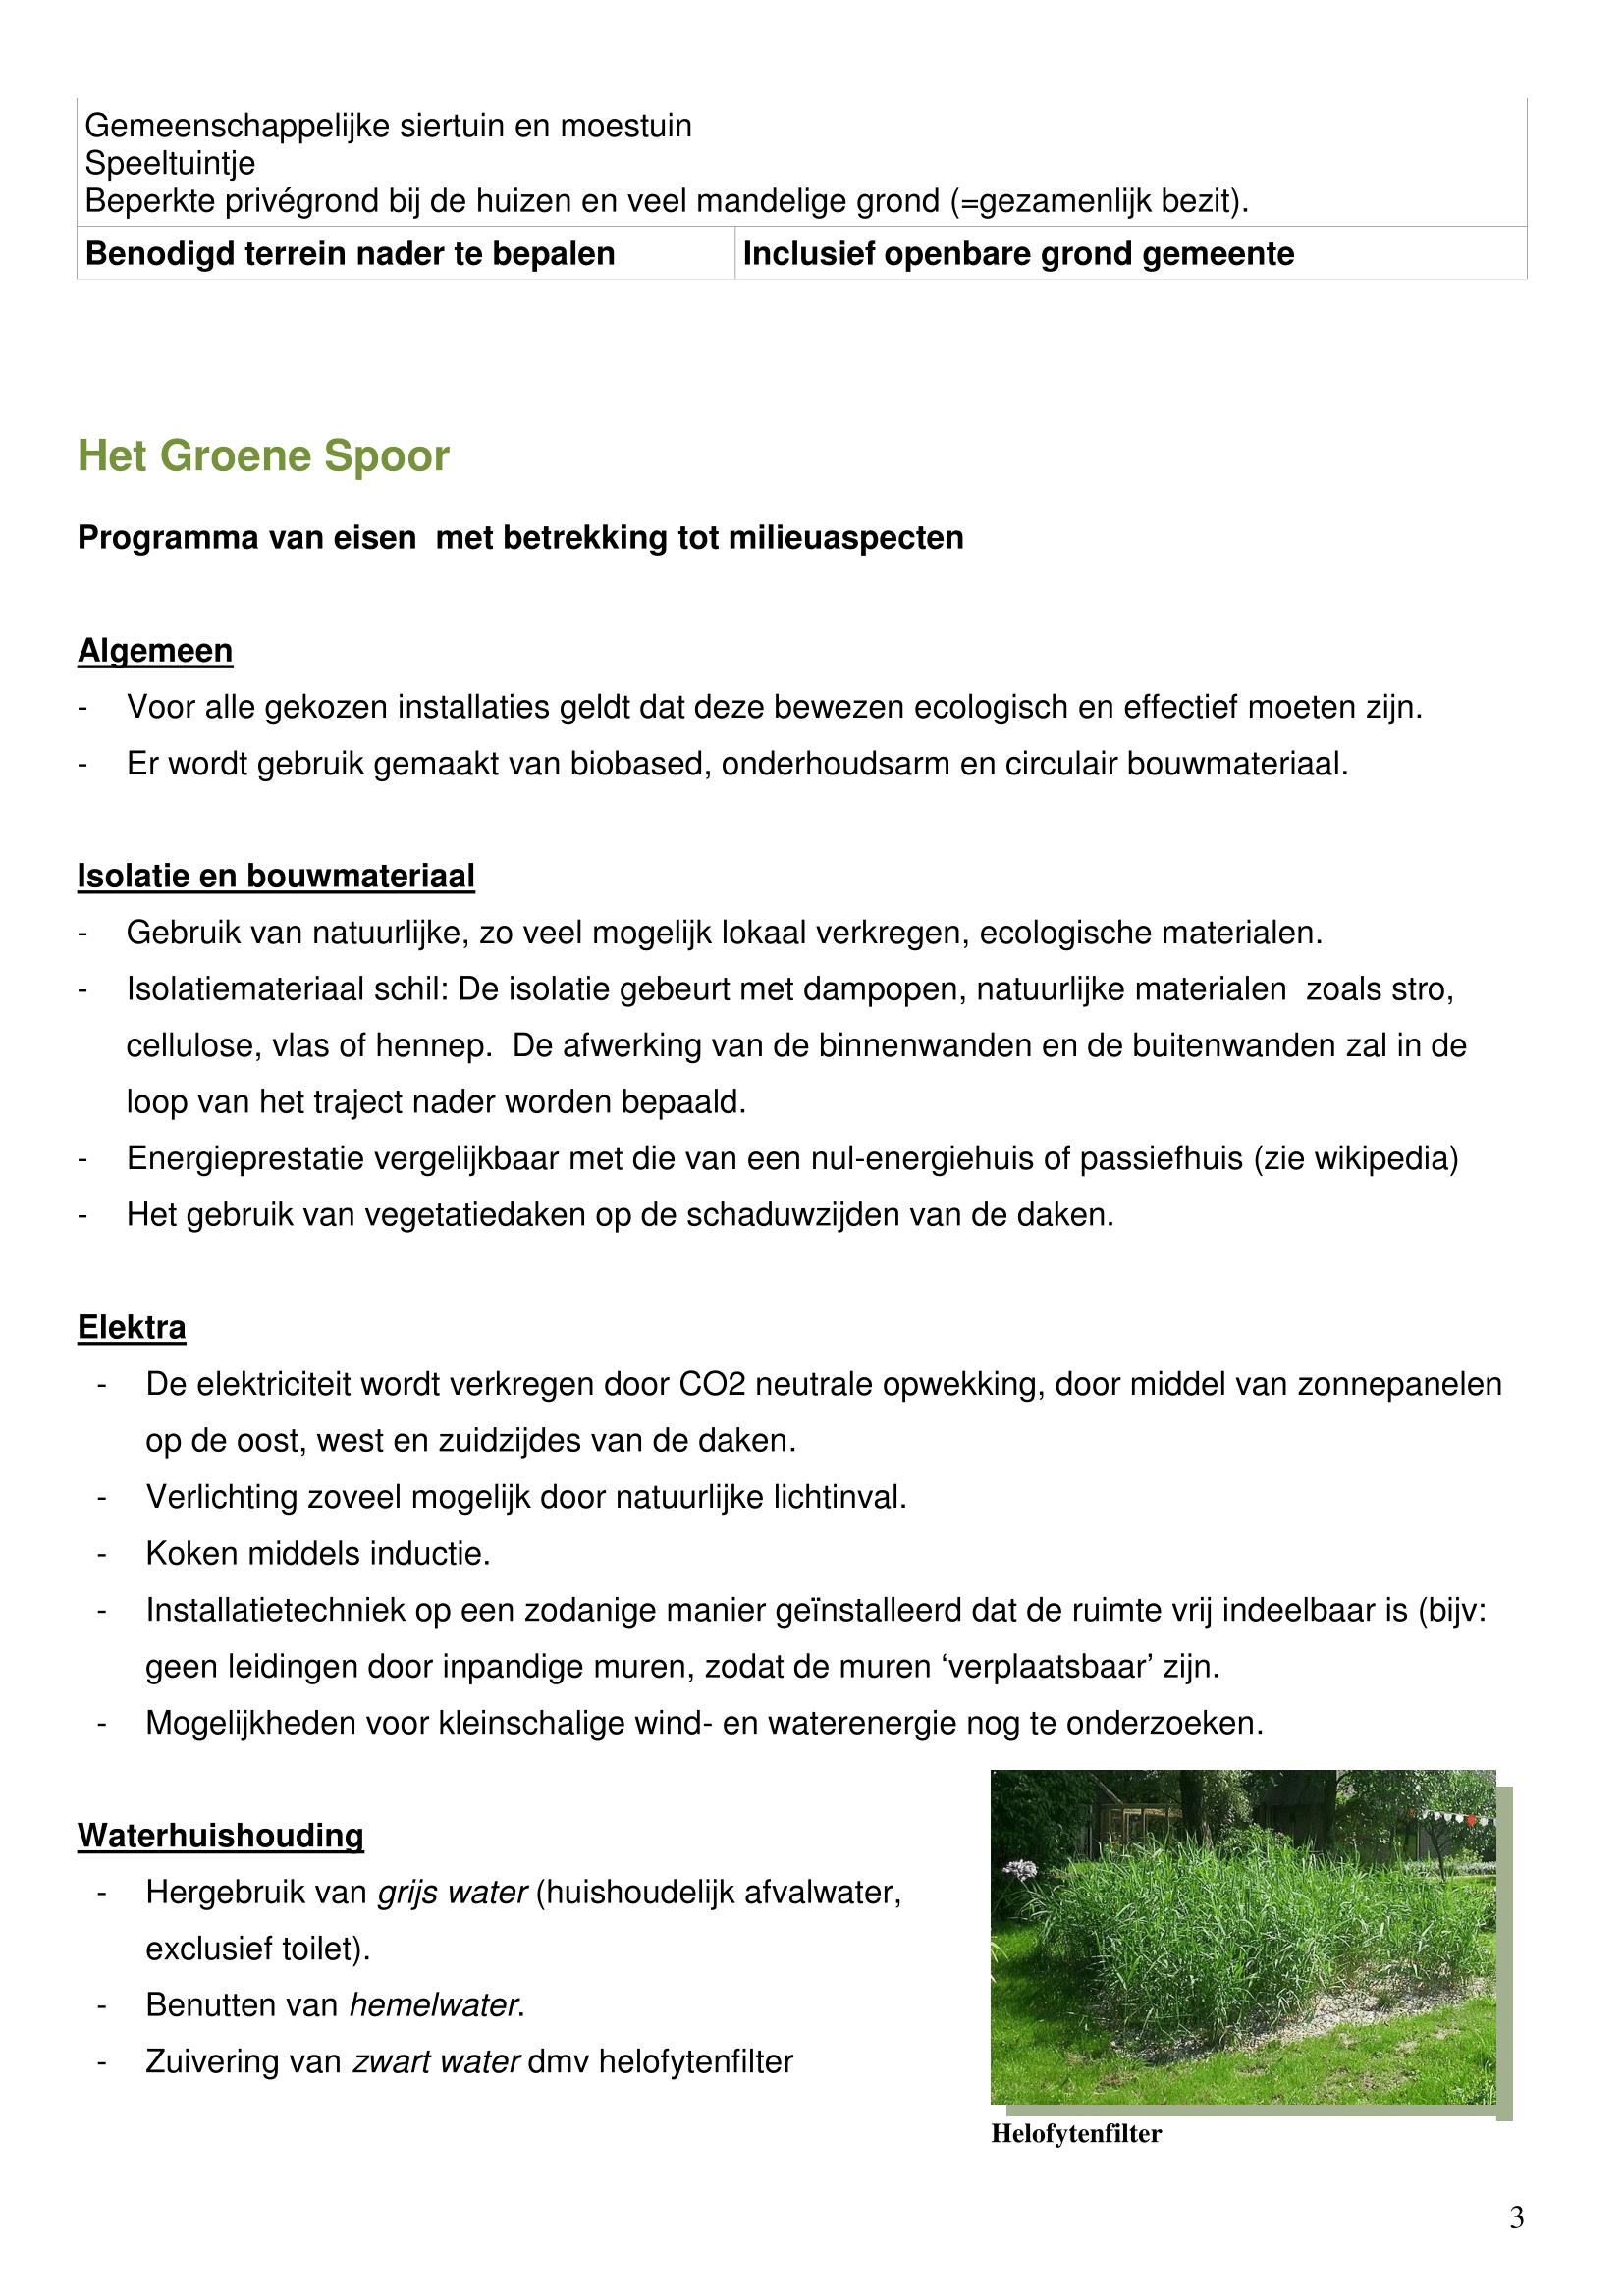 projectplan maart 2019-3